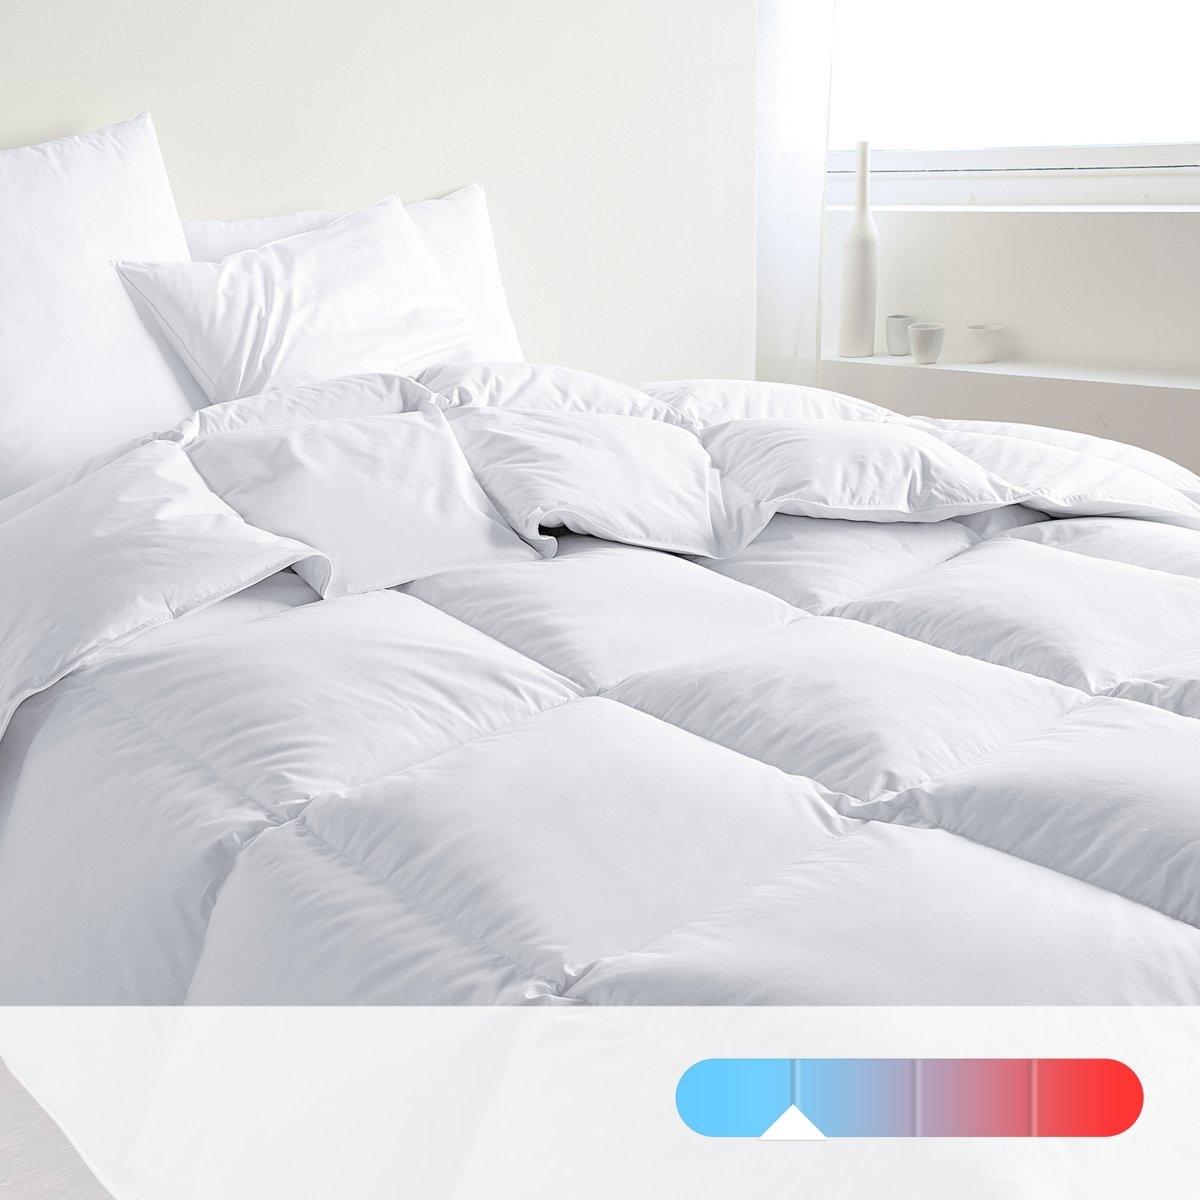 Одеяло с обработкой, 30% пуха, 400 г/м²